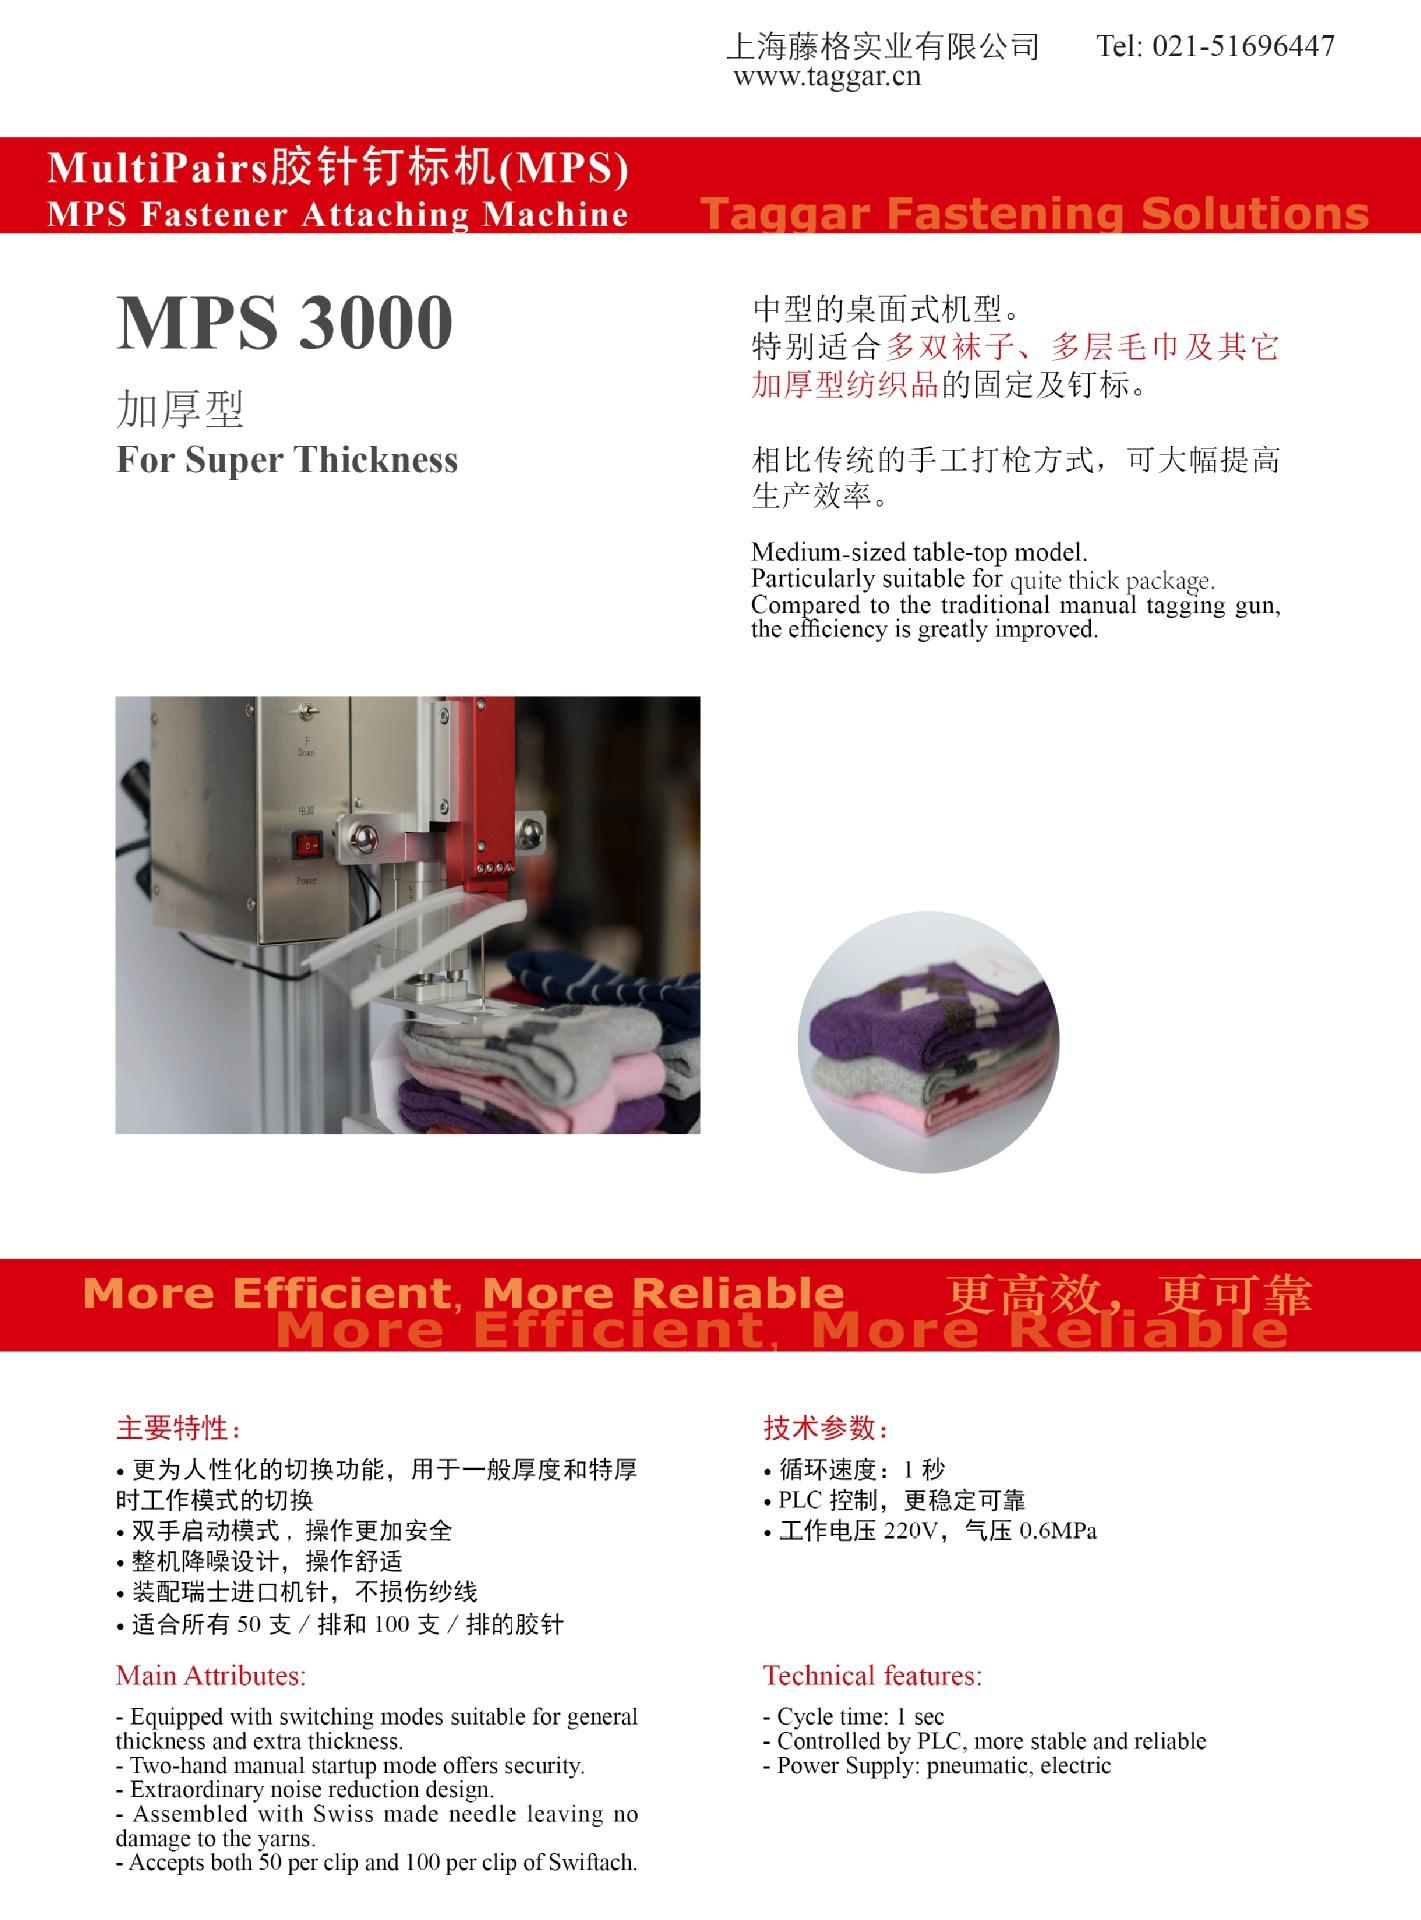 MPS3000